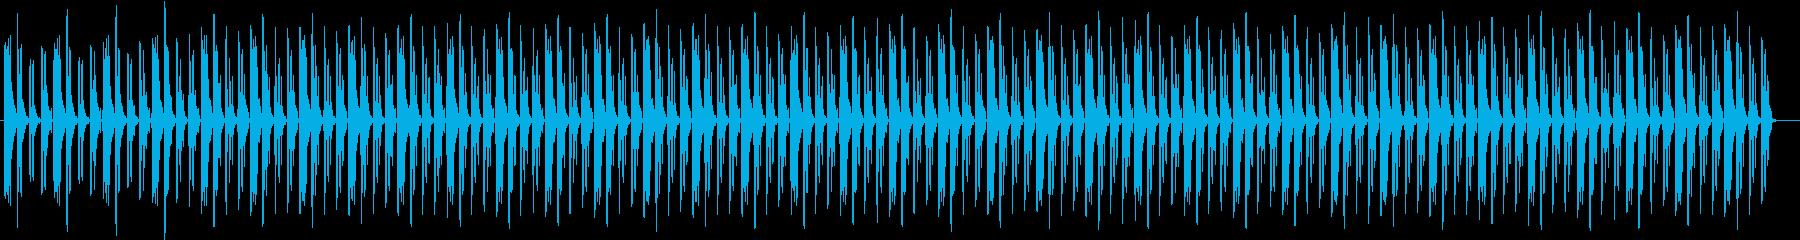 緊張感のある時計・心臓・装置などの音の再生済みの波形